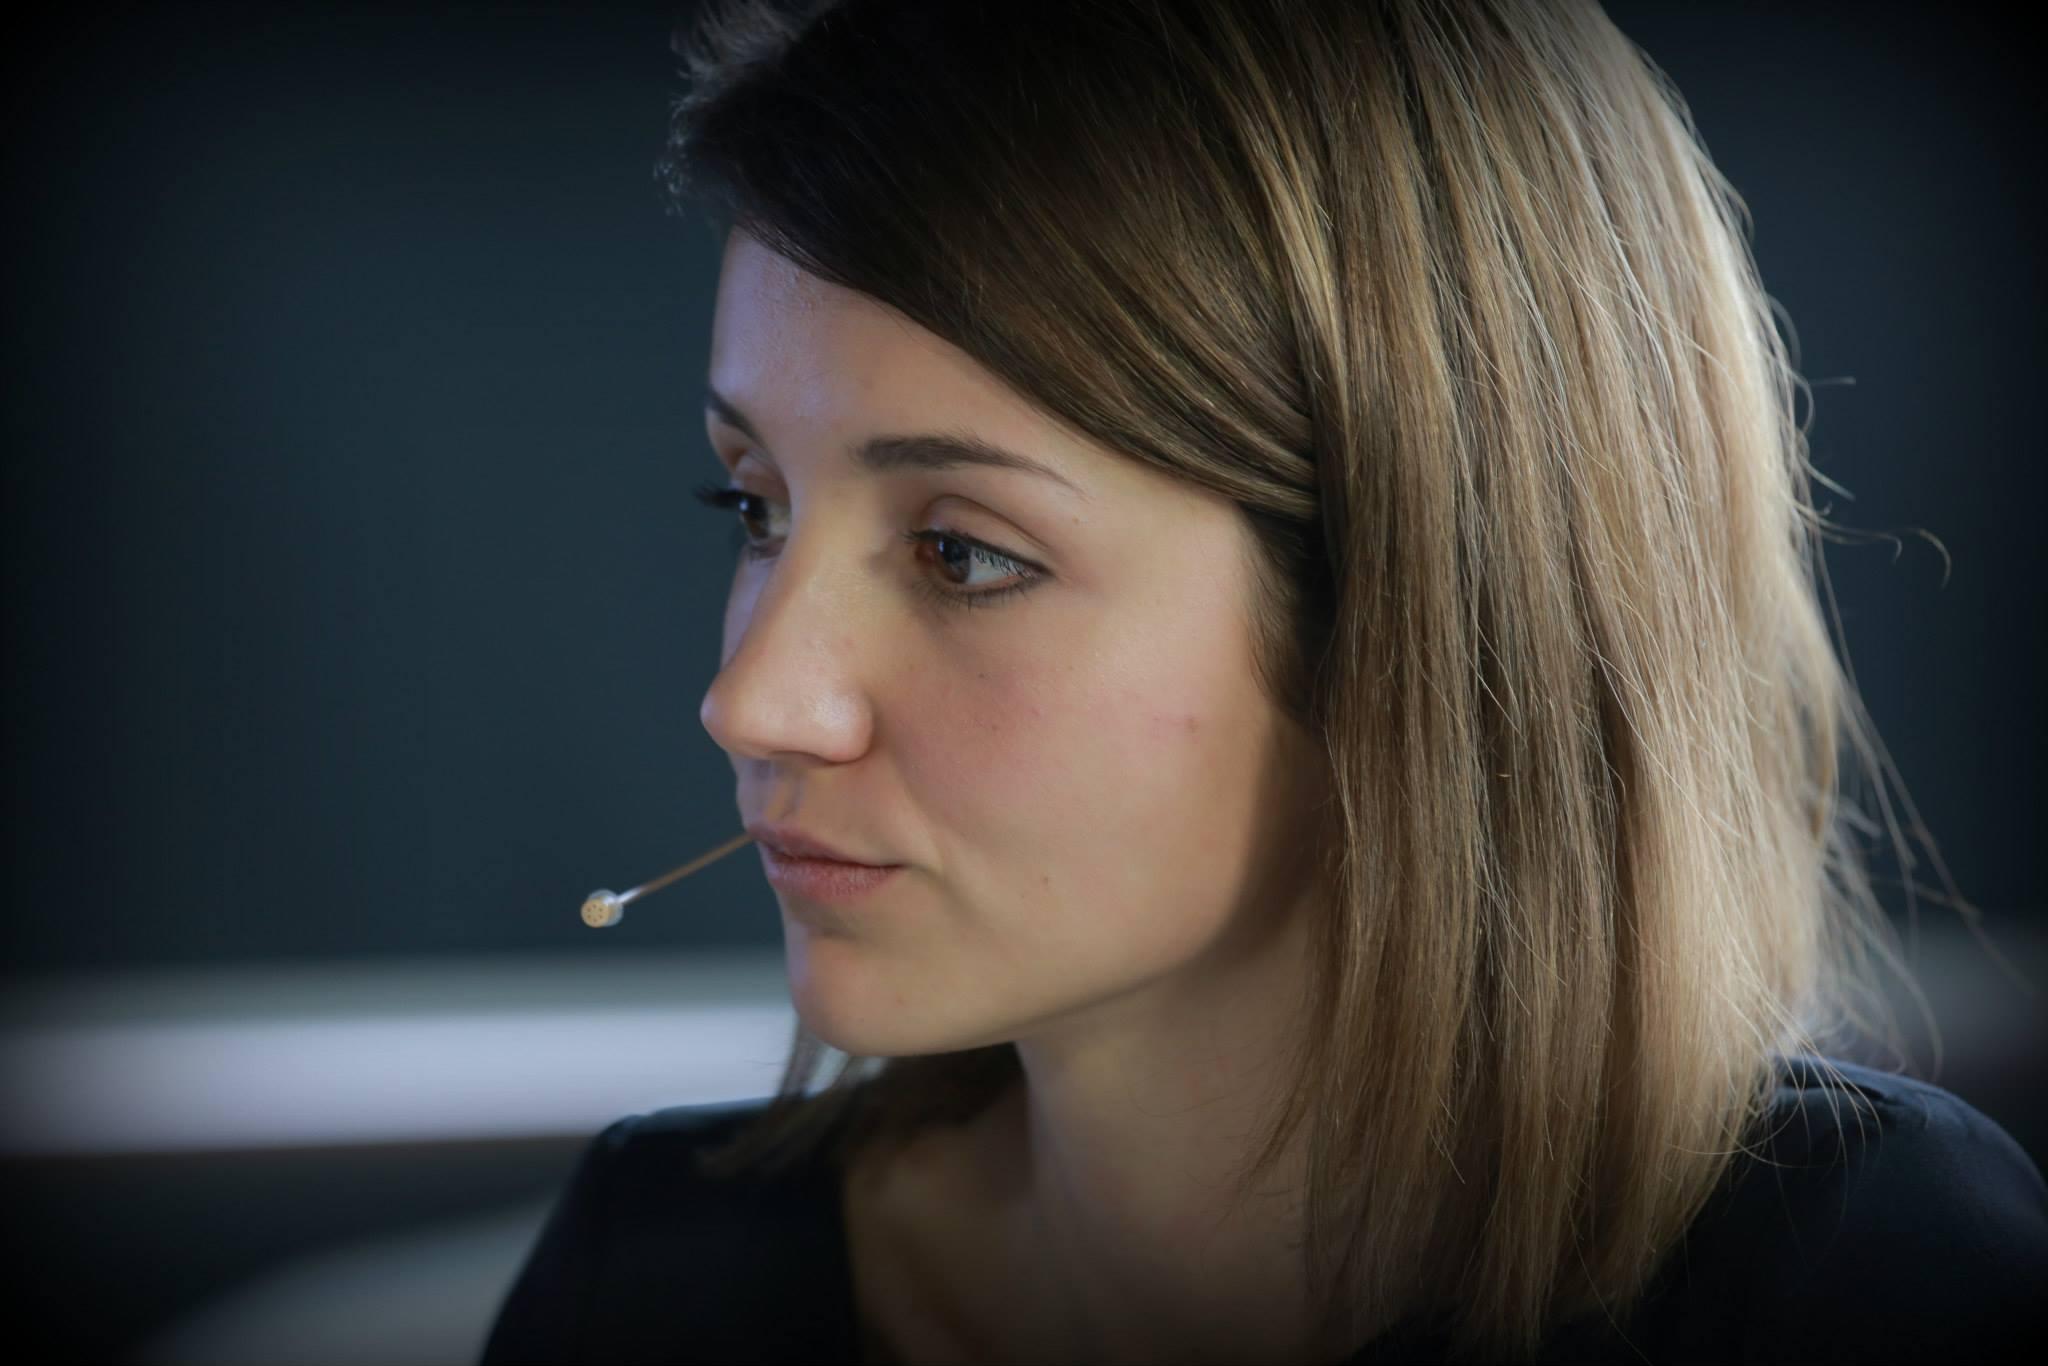 Суд відклав розгляд справи журналістки Тетяни Козирєвої проти НАК «Нафтогаз Україна»